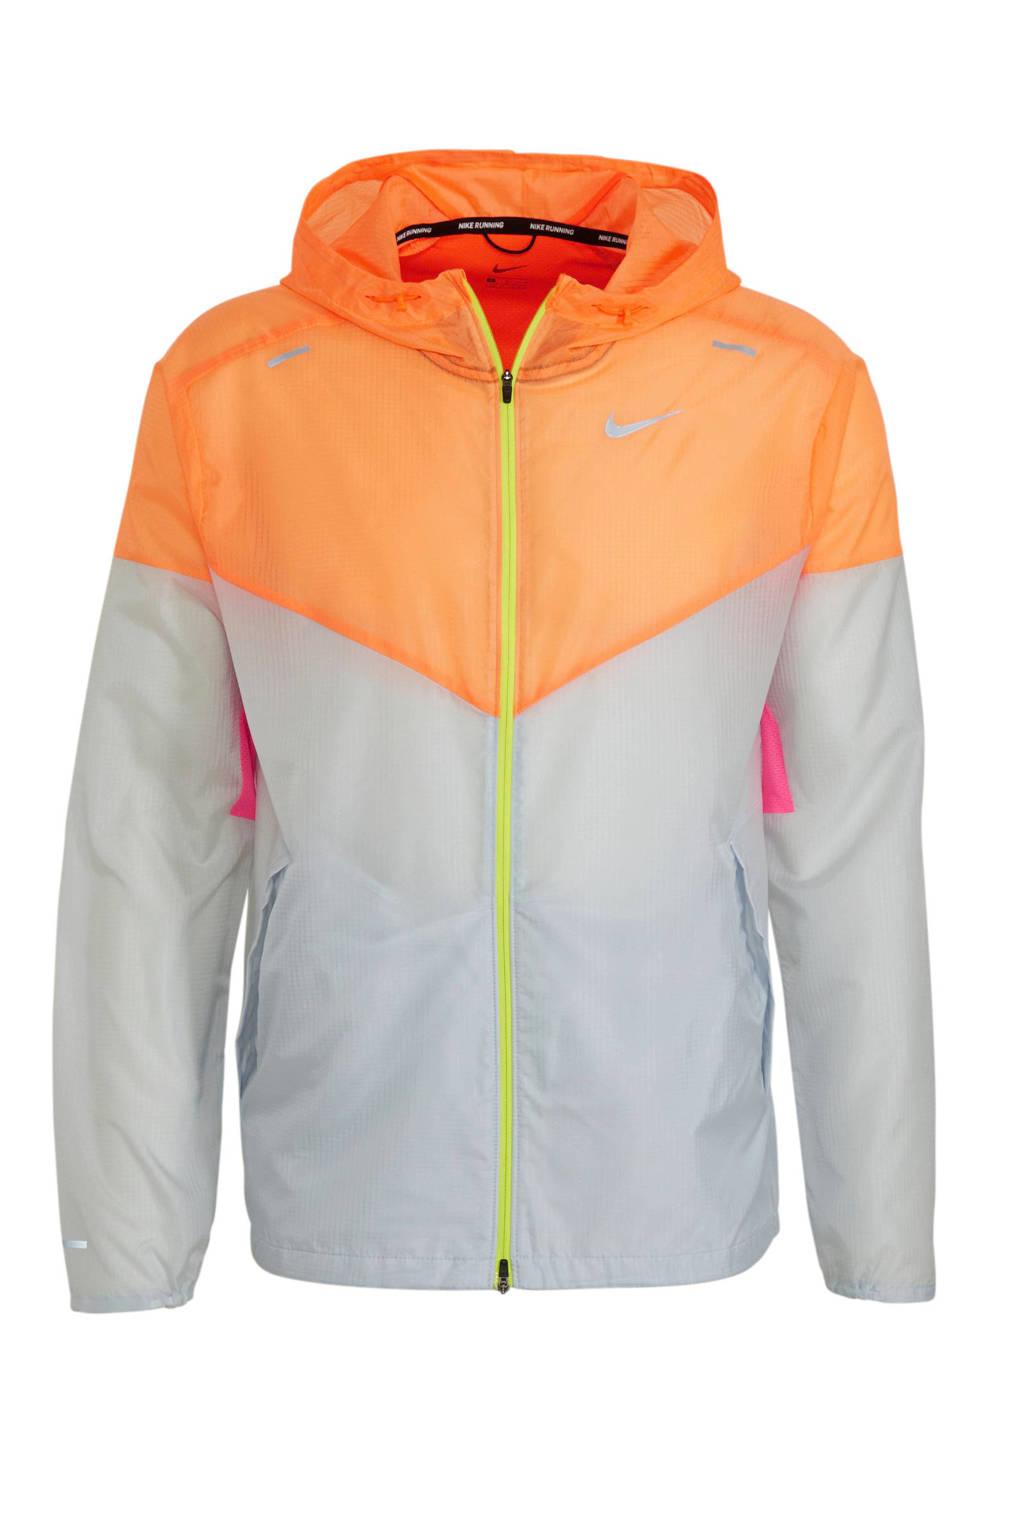 Nike hardloopjack lichtgrijs/oranje, Lichtgrijs/oranje/roze